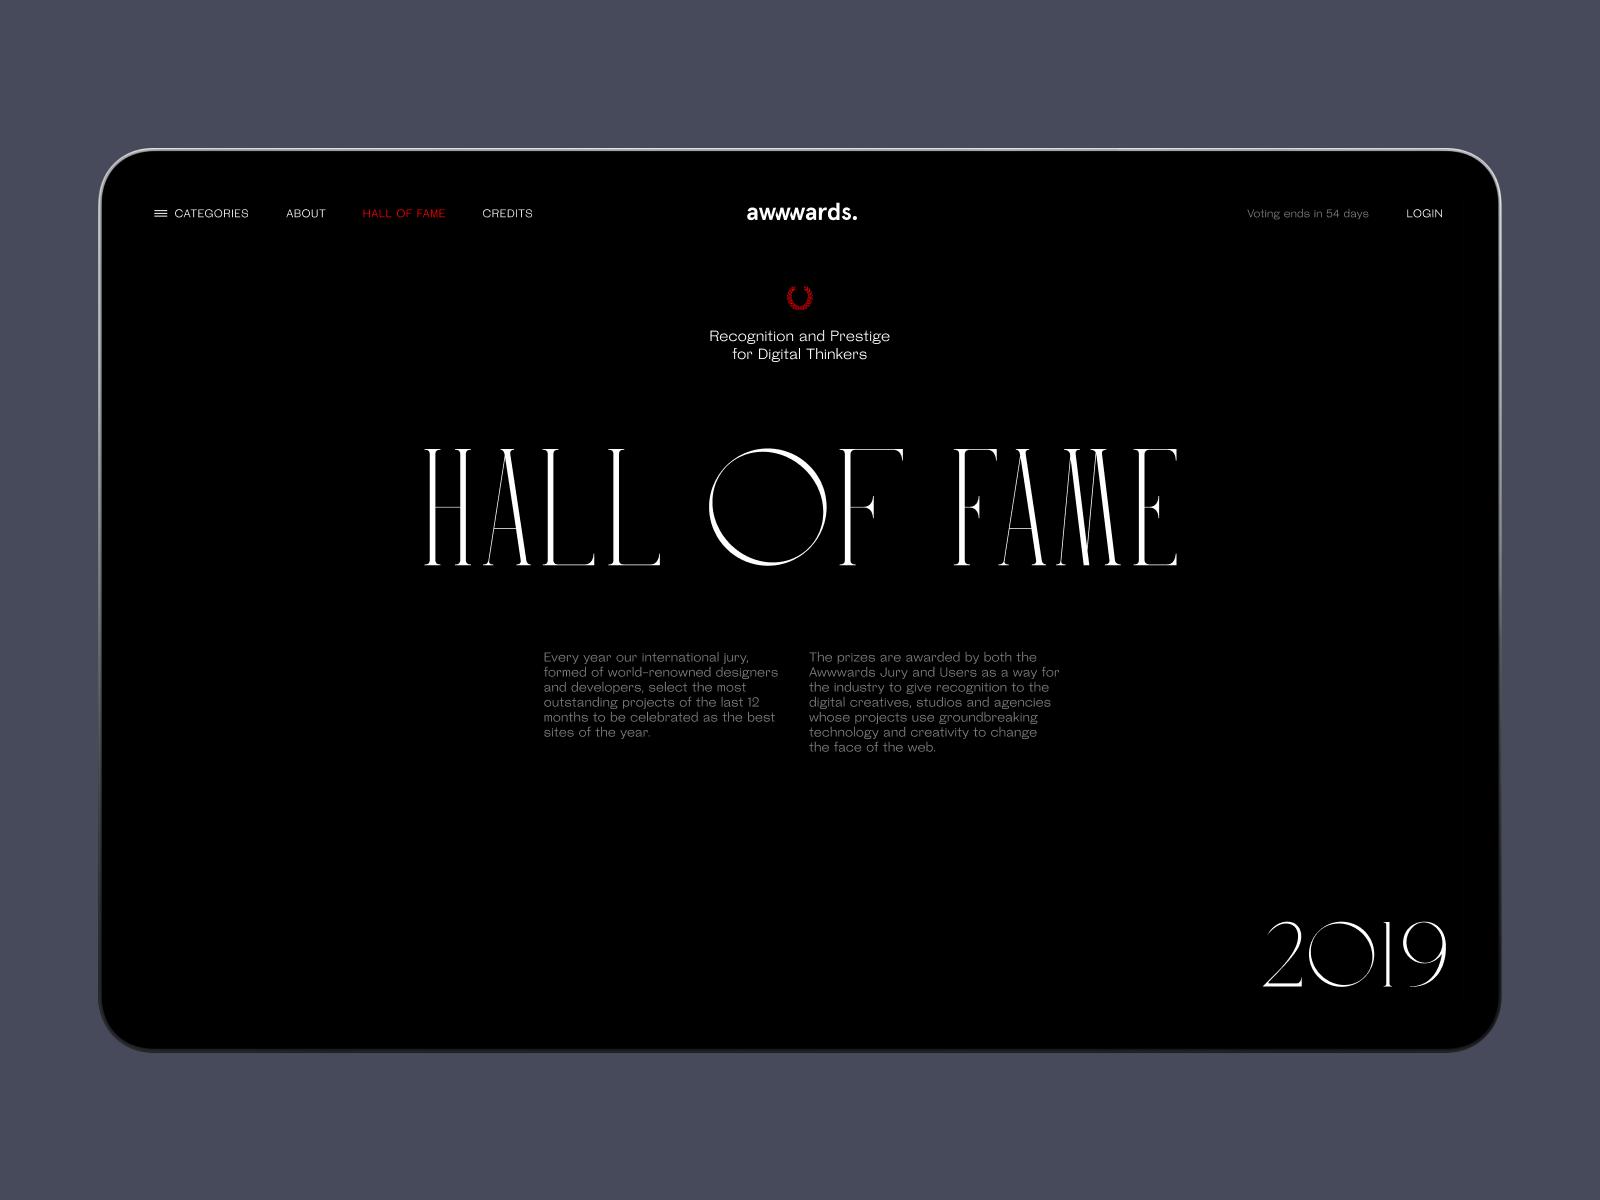 hall of fame awwwards website tubik